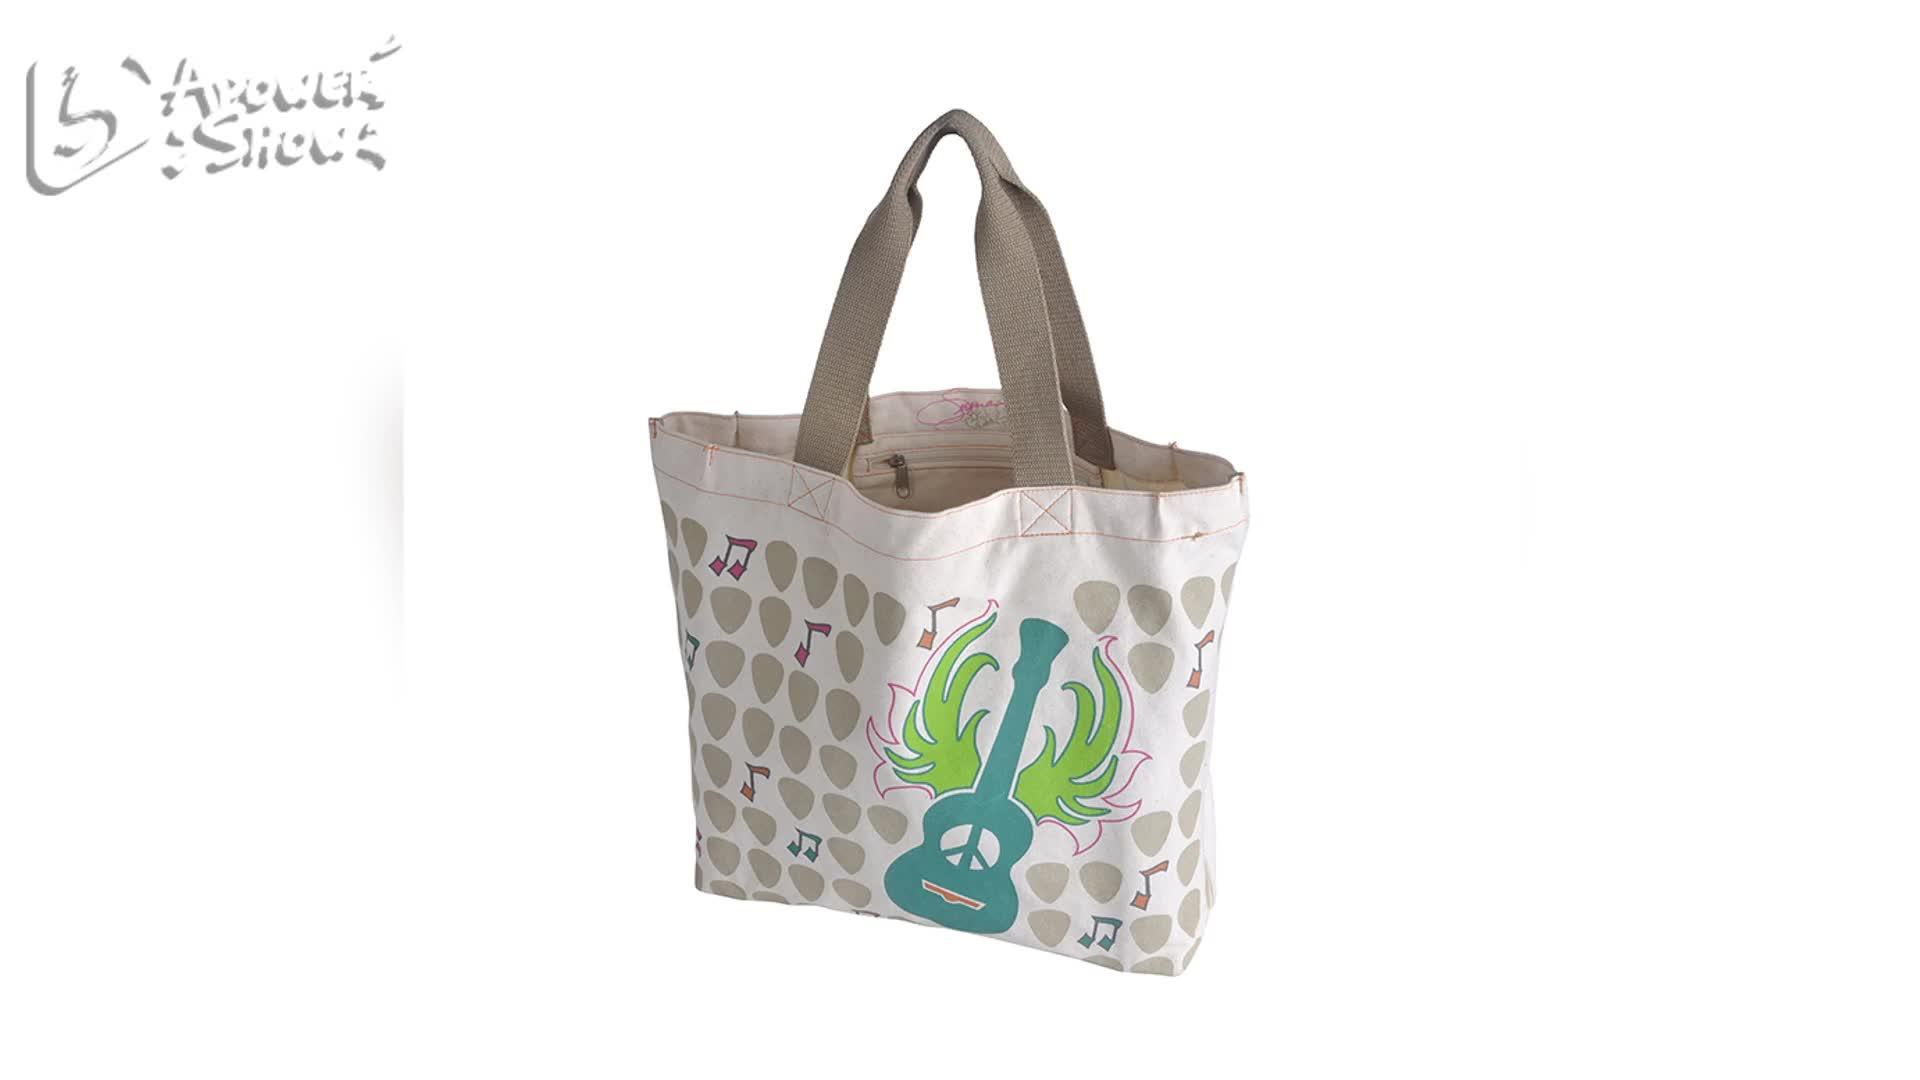 Logotipo personalizado impresso flanela de algodão vegetal orgânico calico dobrável reutilizáveis sacola de lona corda shopping praia saco de portador